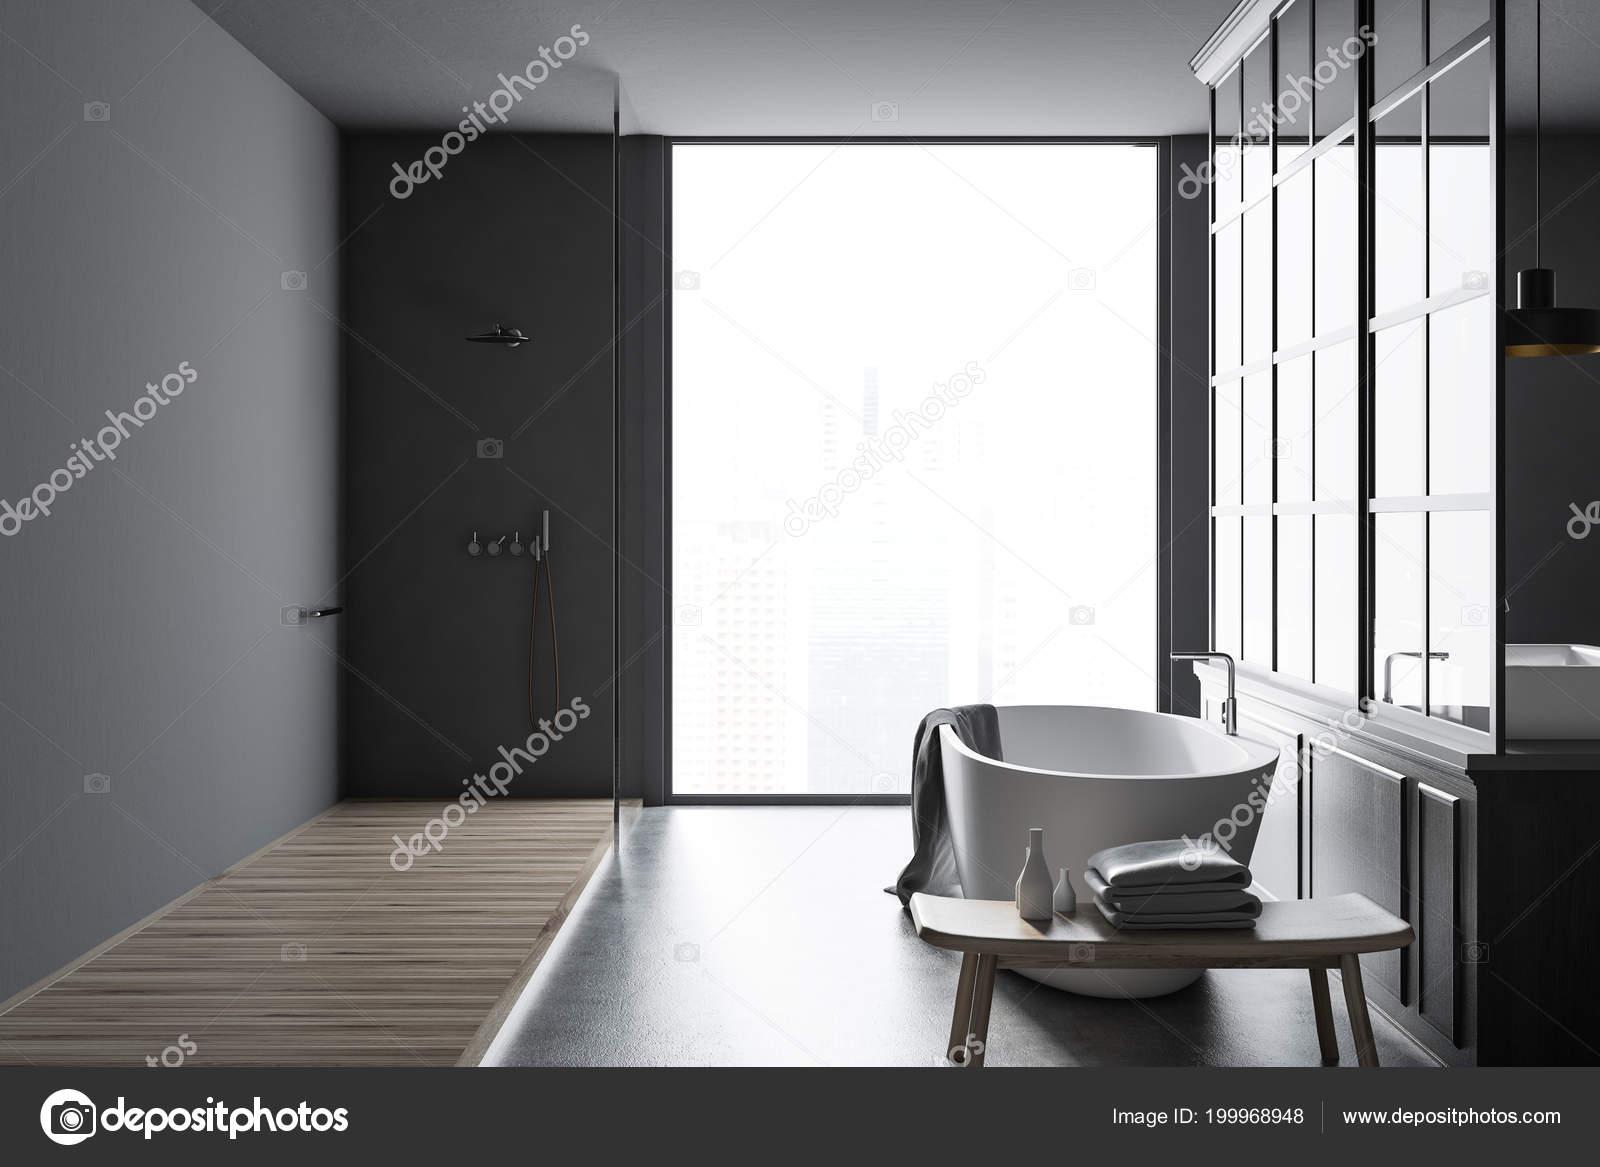 Decoratie Badkamer Muur : Grijze muur badkamer interieur met een metalen decoratie details